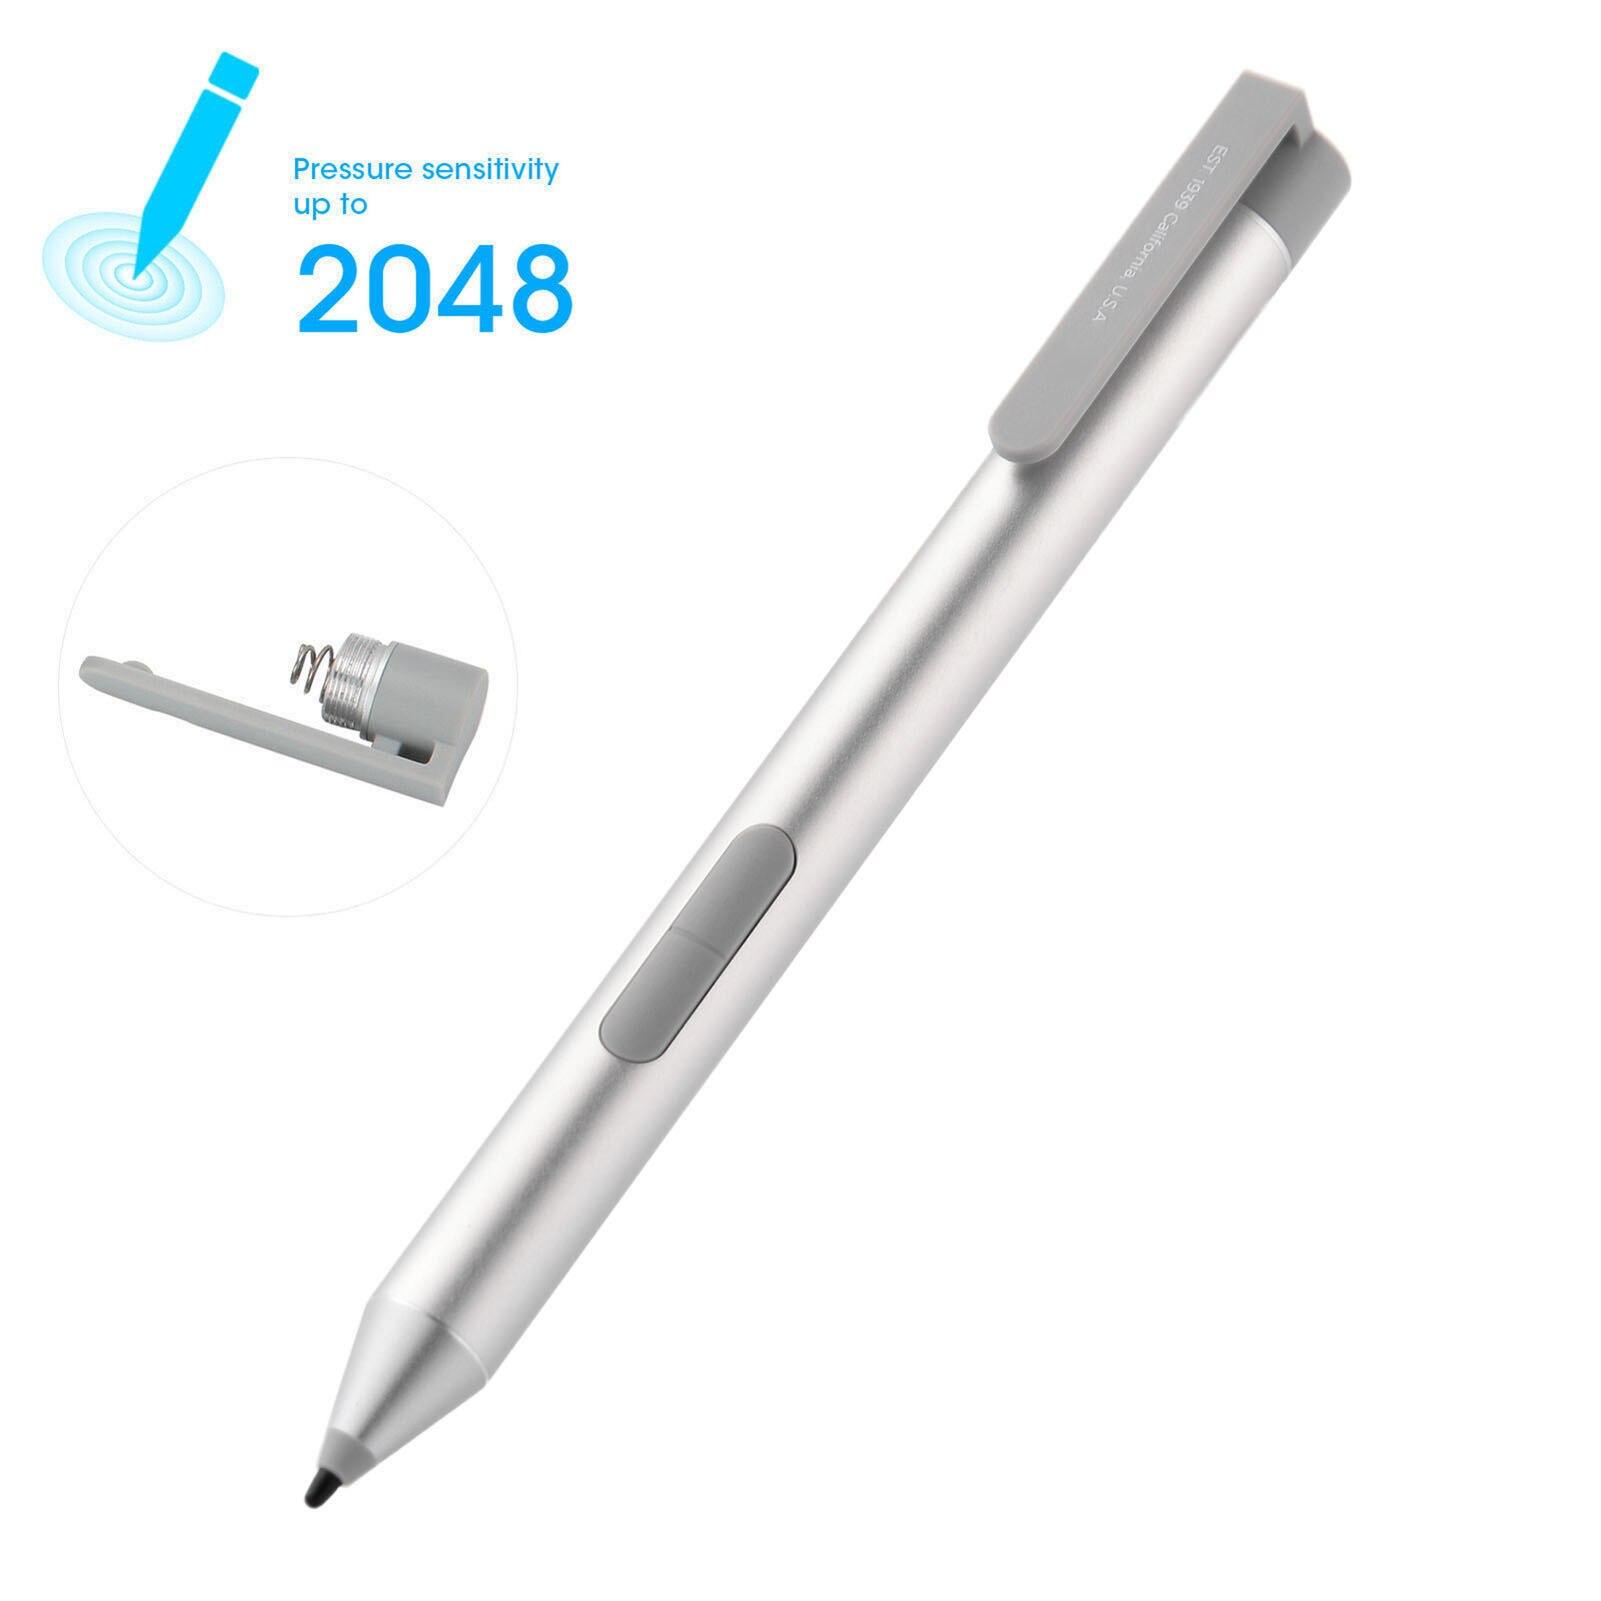 قلم ستايلس ل HP 240 G6 Elite X2 1012 G1/G2 أجهزة الكمبيوتر المحمولة ضغط القلم قلم شاشة اللمس الذكية القلم قلم ستايلس ل HP Pro X2 612 G2